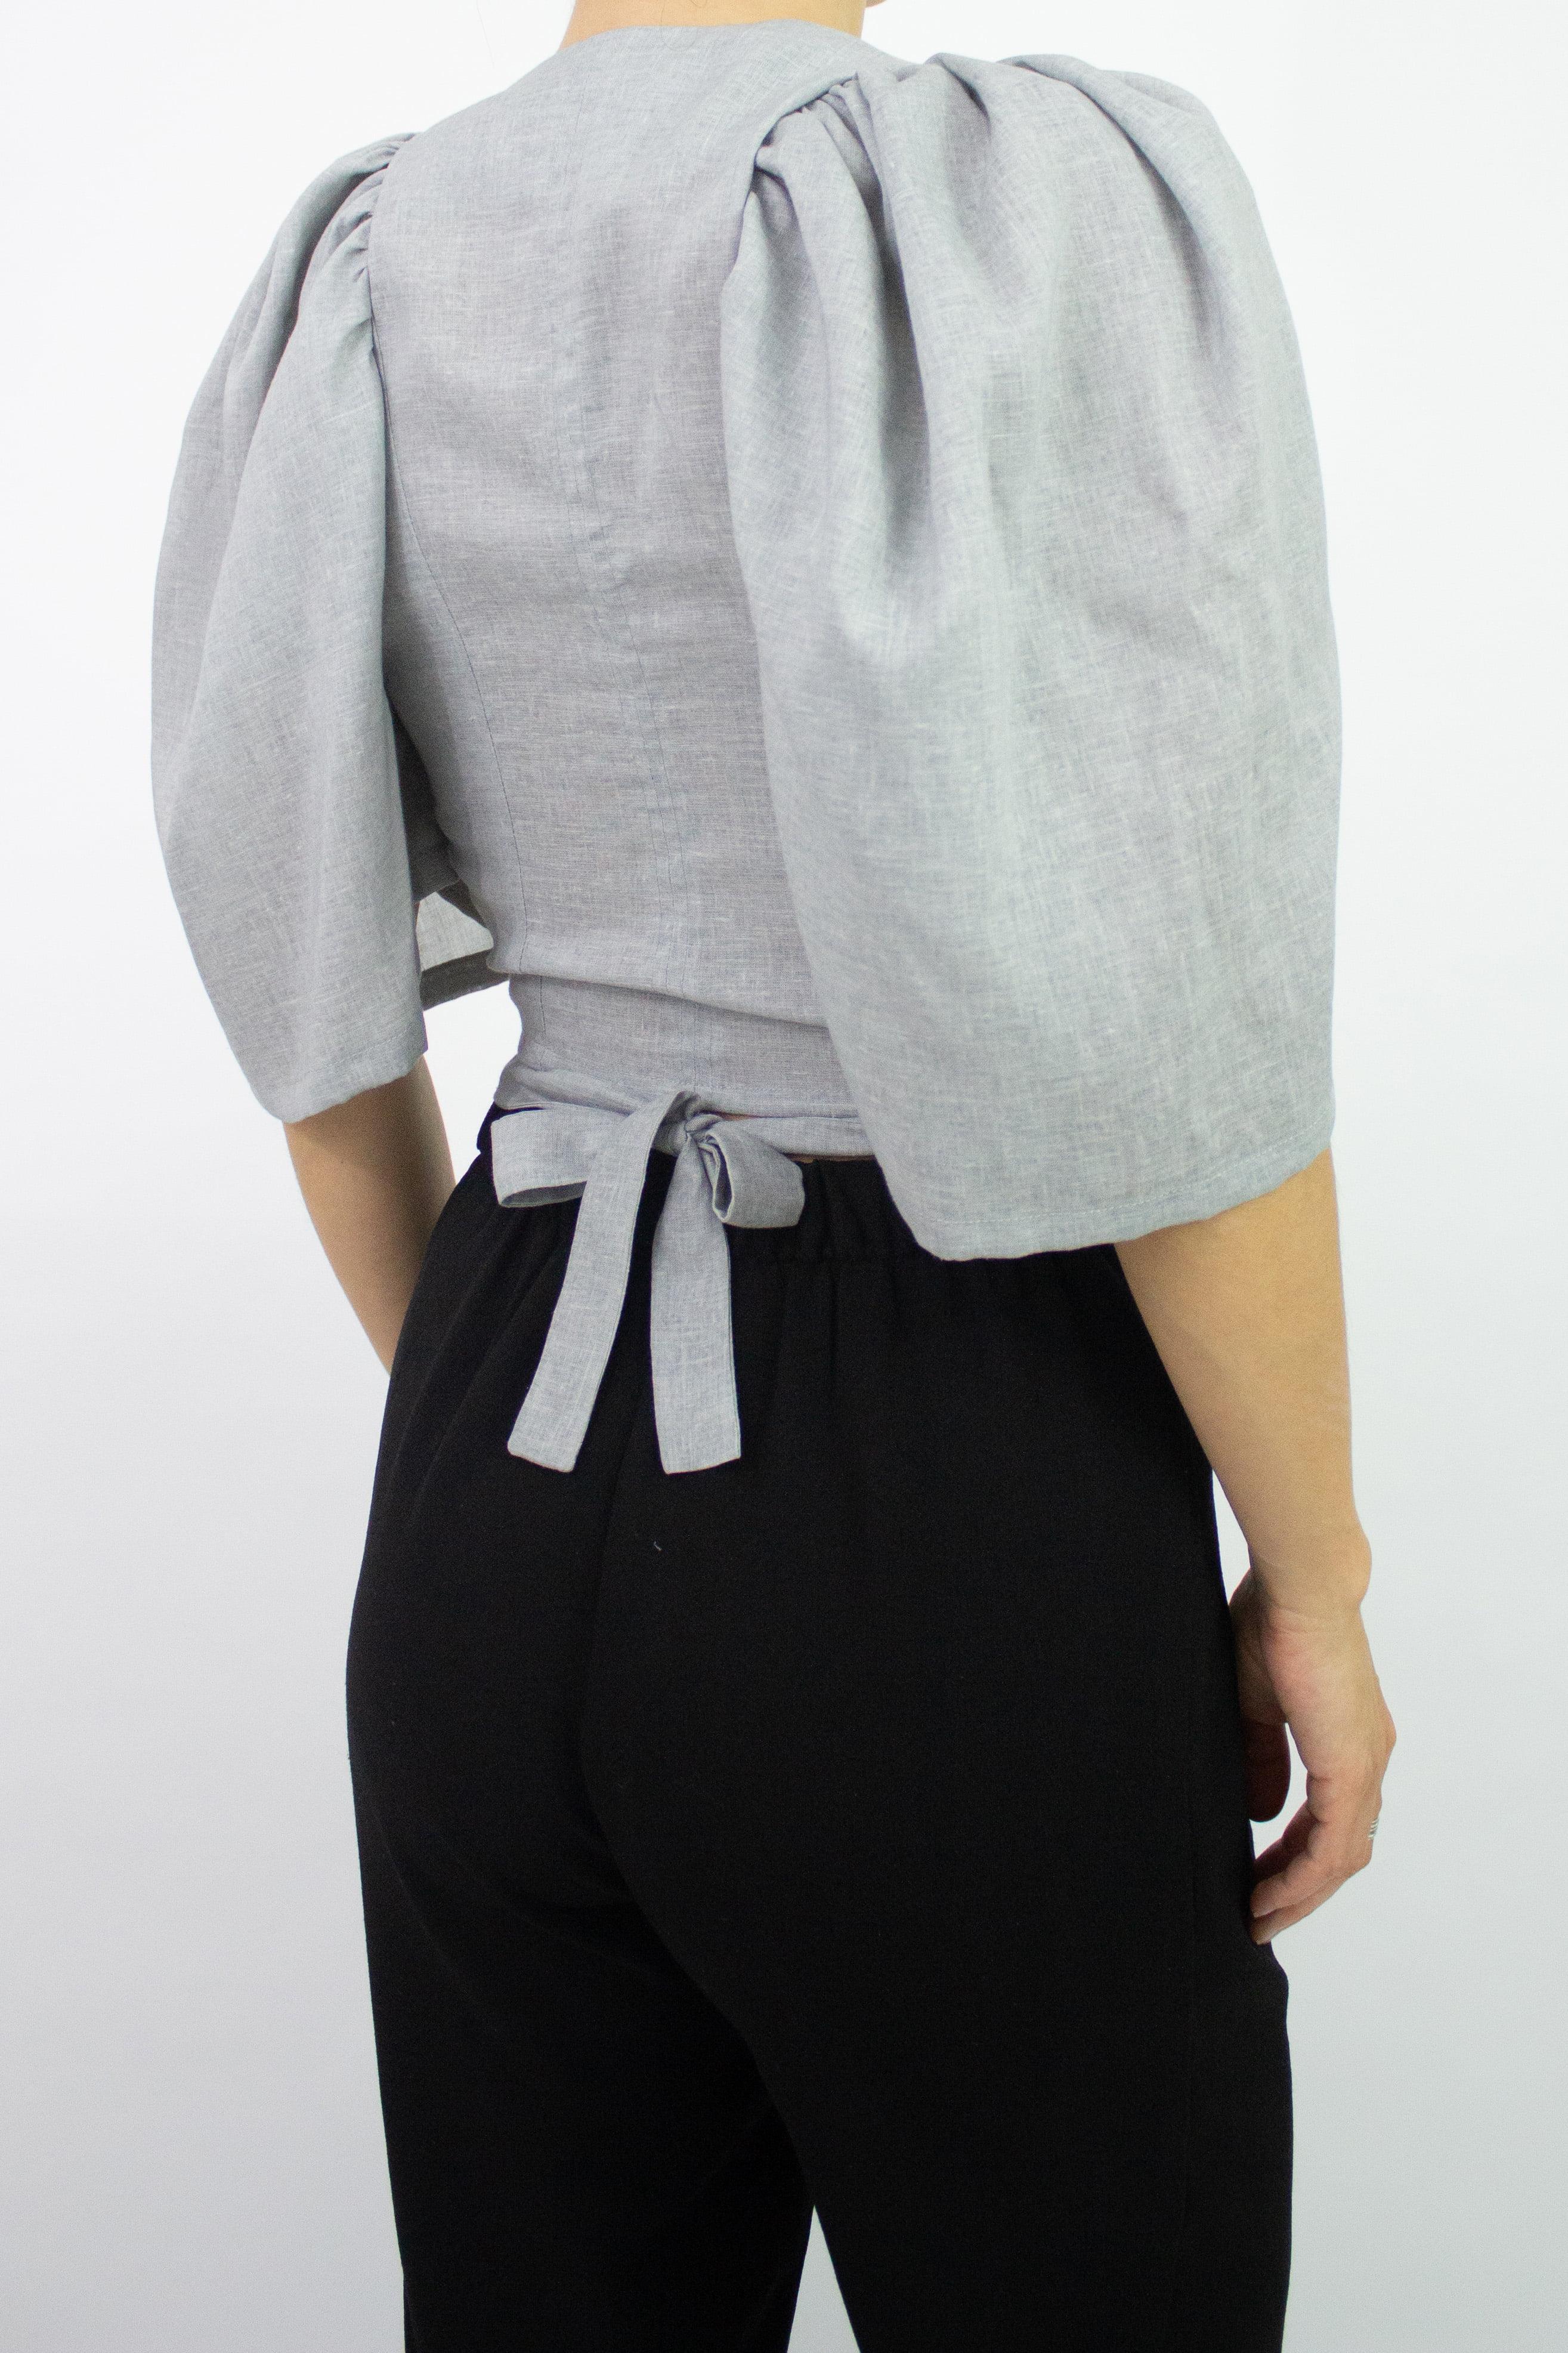 Woman wearing grey tie top